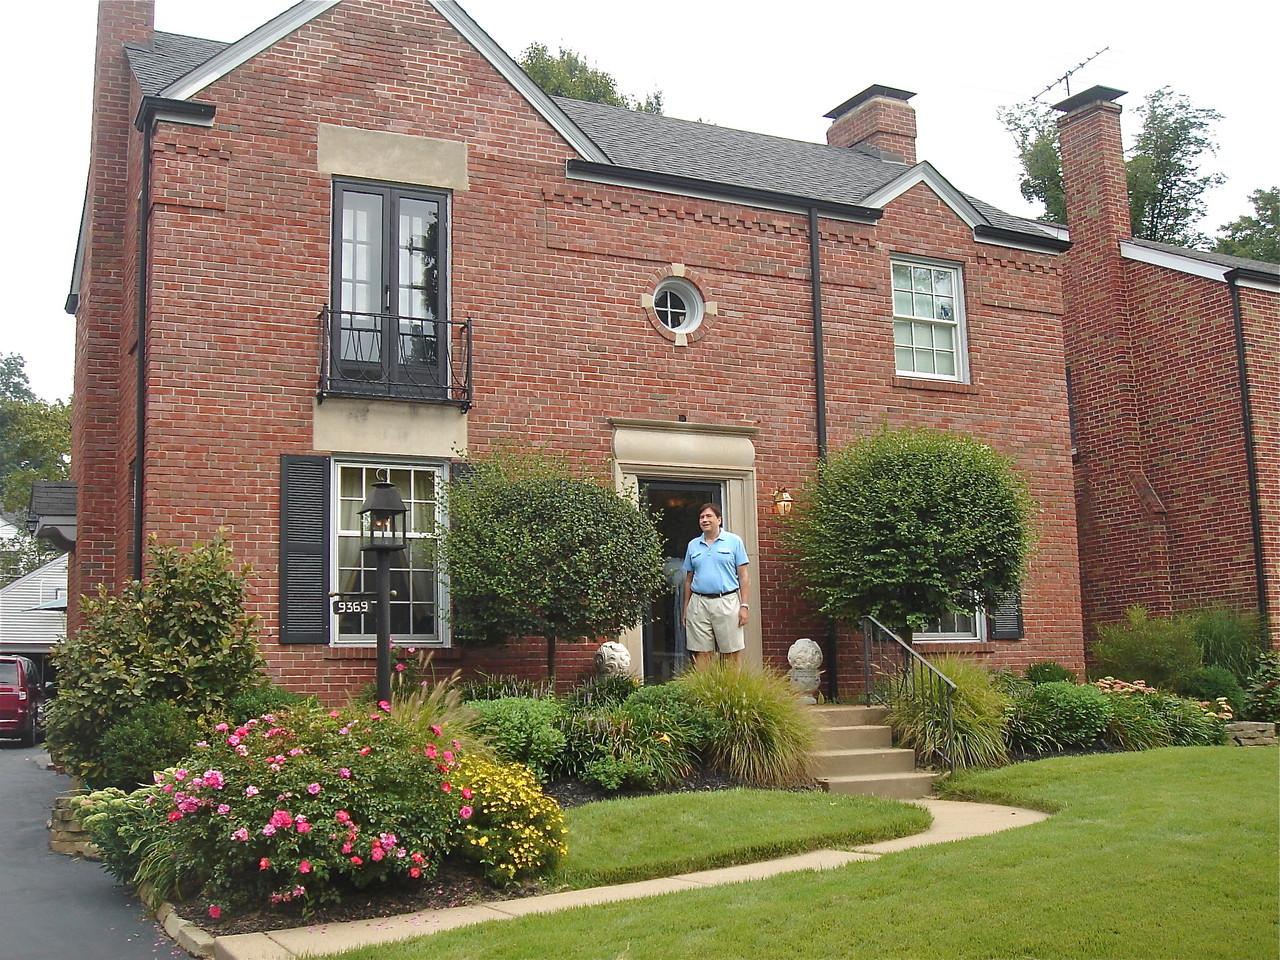 Sally & Tom's house, St. Louis, near Tile Park